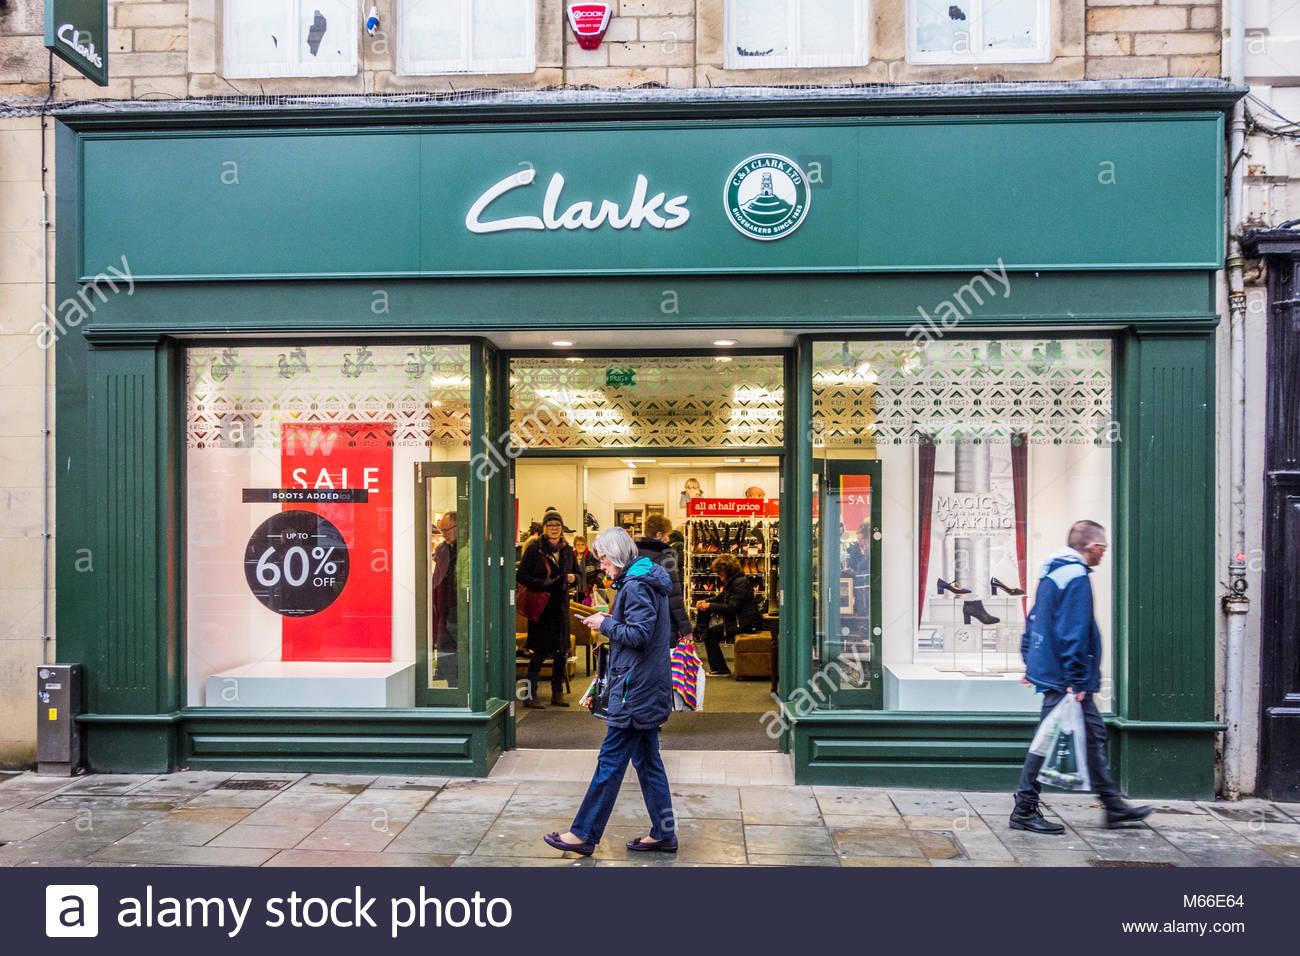 70f265af9 Shoe Shop Stock Photos   Shoe Shop Stock Images - Page 2 - Alamy